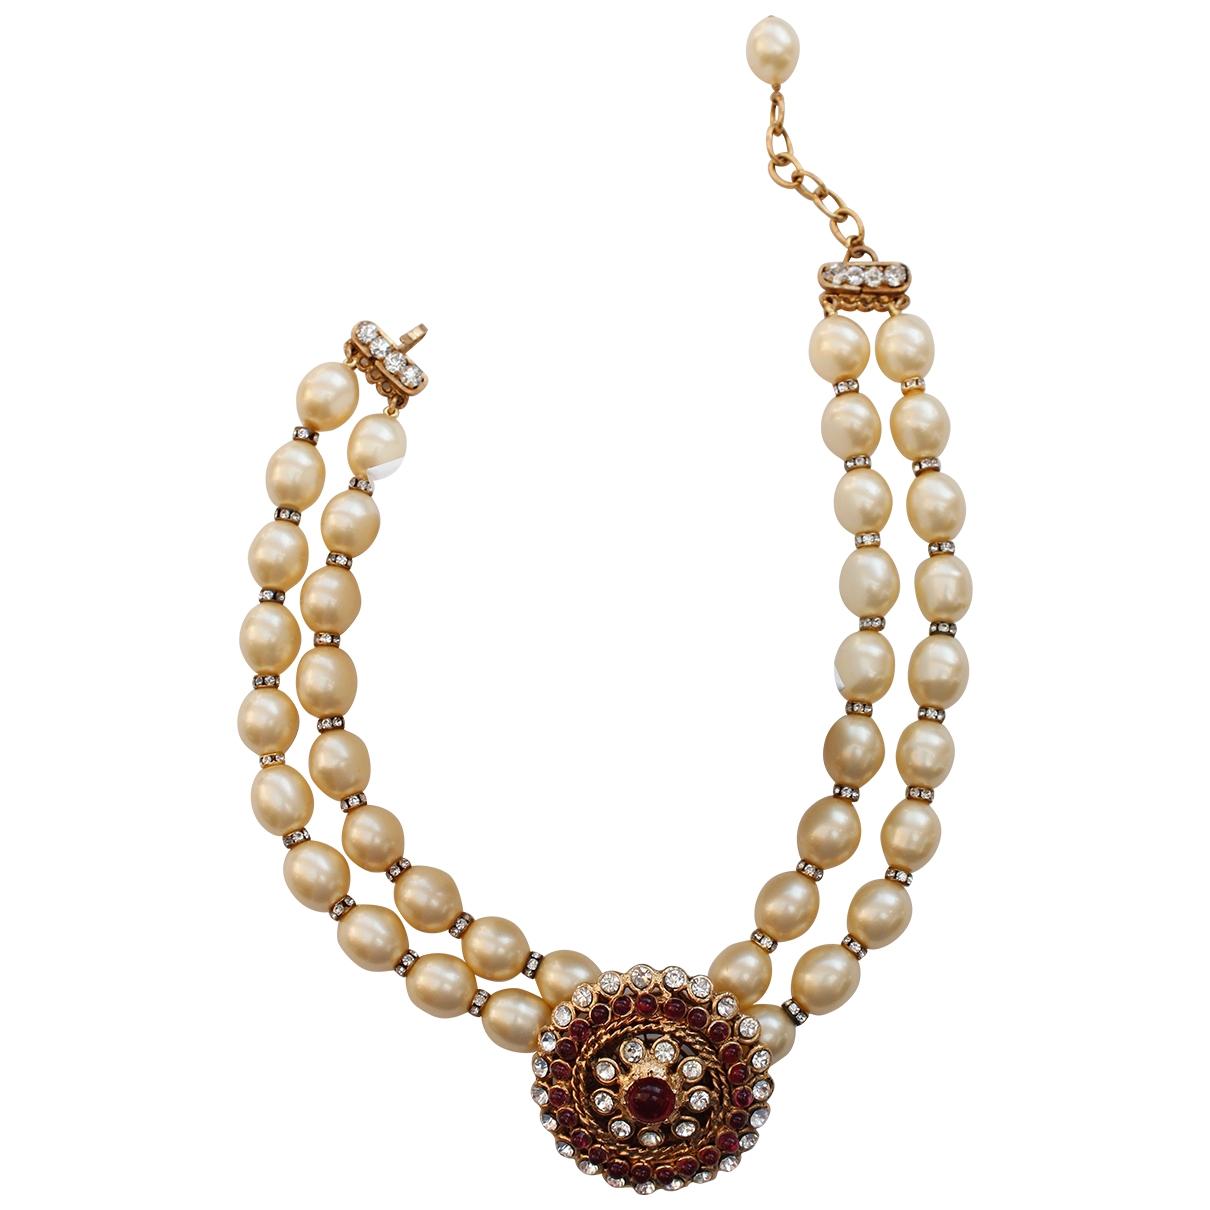 Chanel - Collier Camelia pour femme en perles